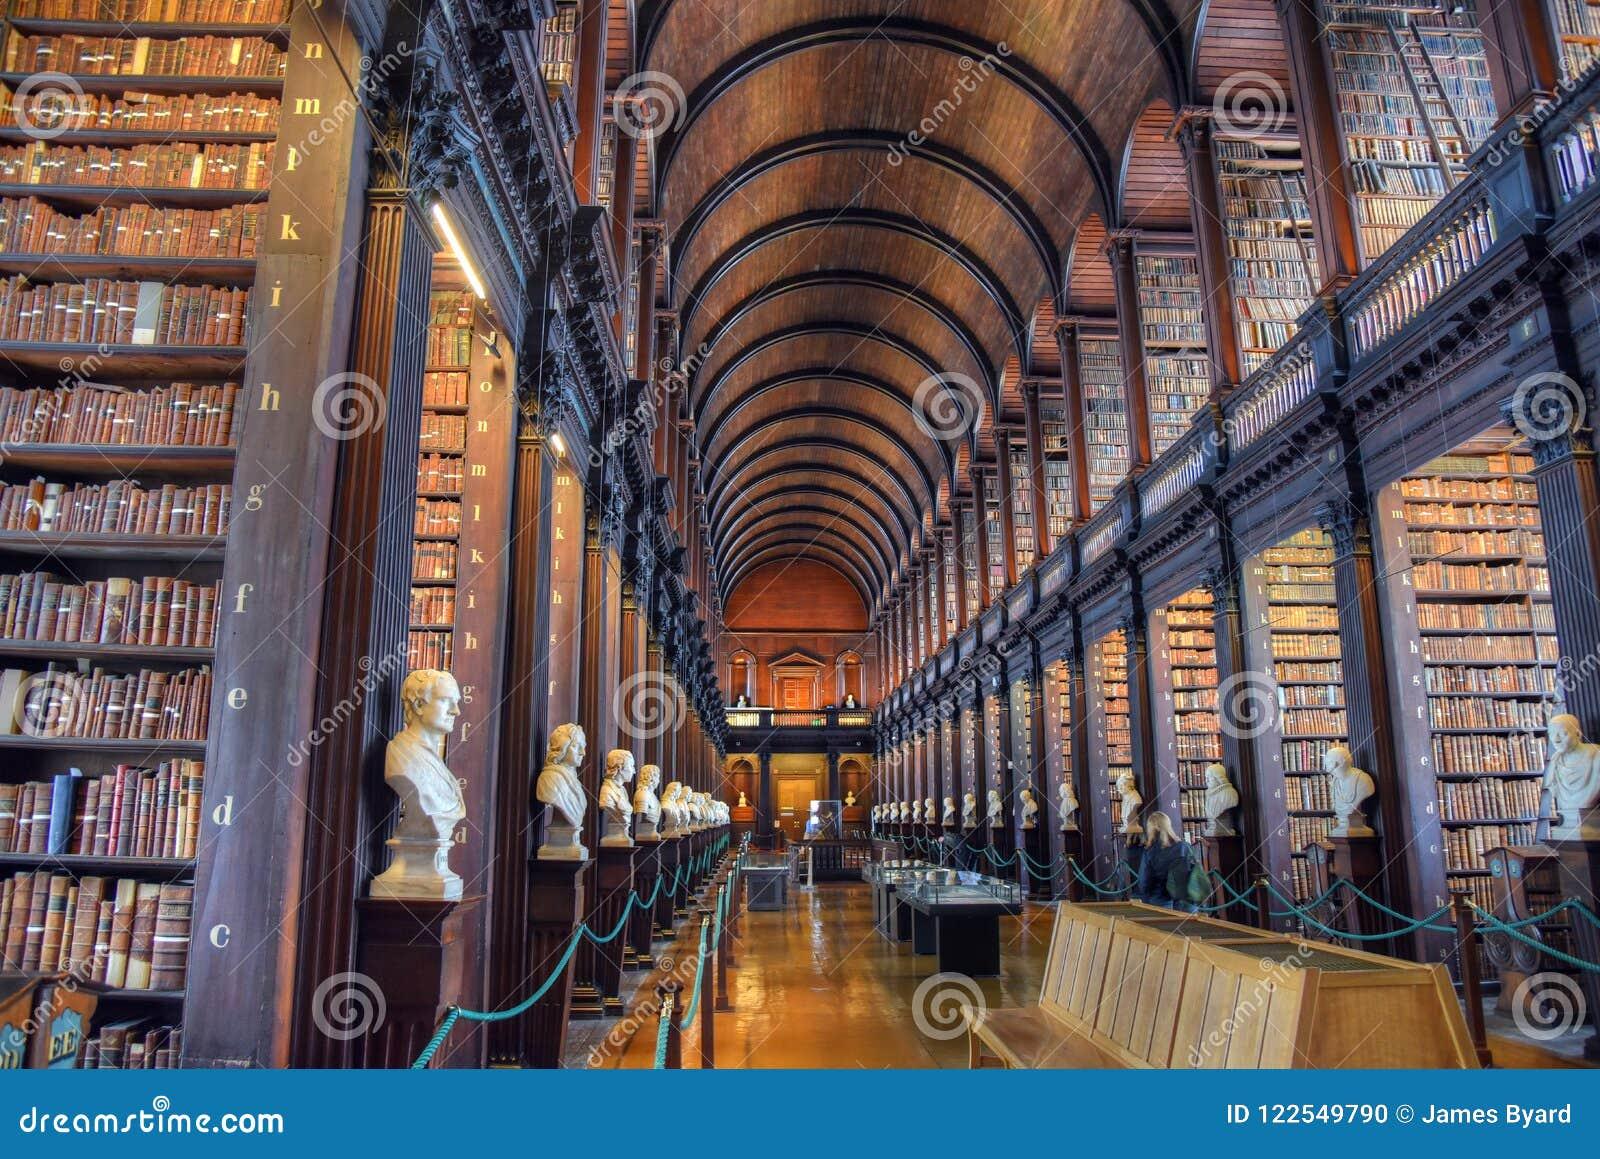 Der lange Raum in der alten Bibliothek am Dreiheits-College Dublin